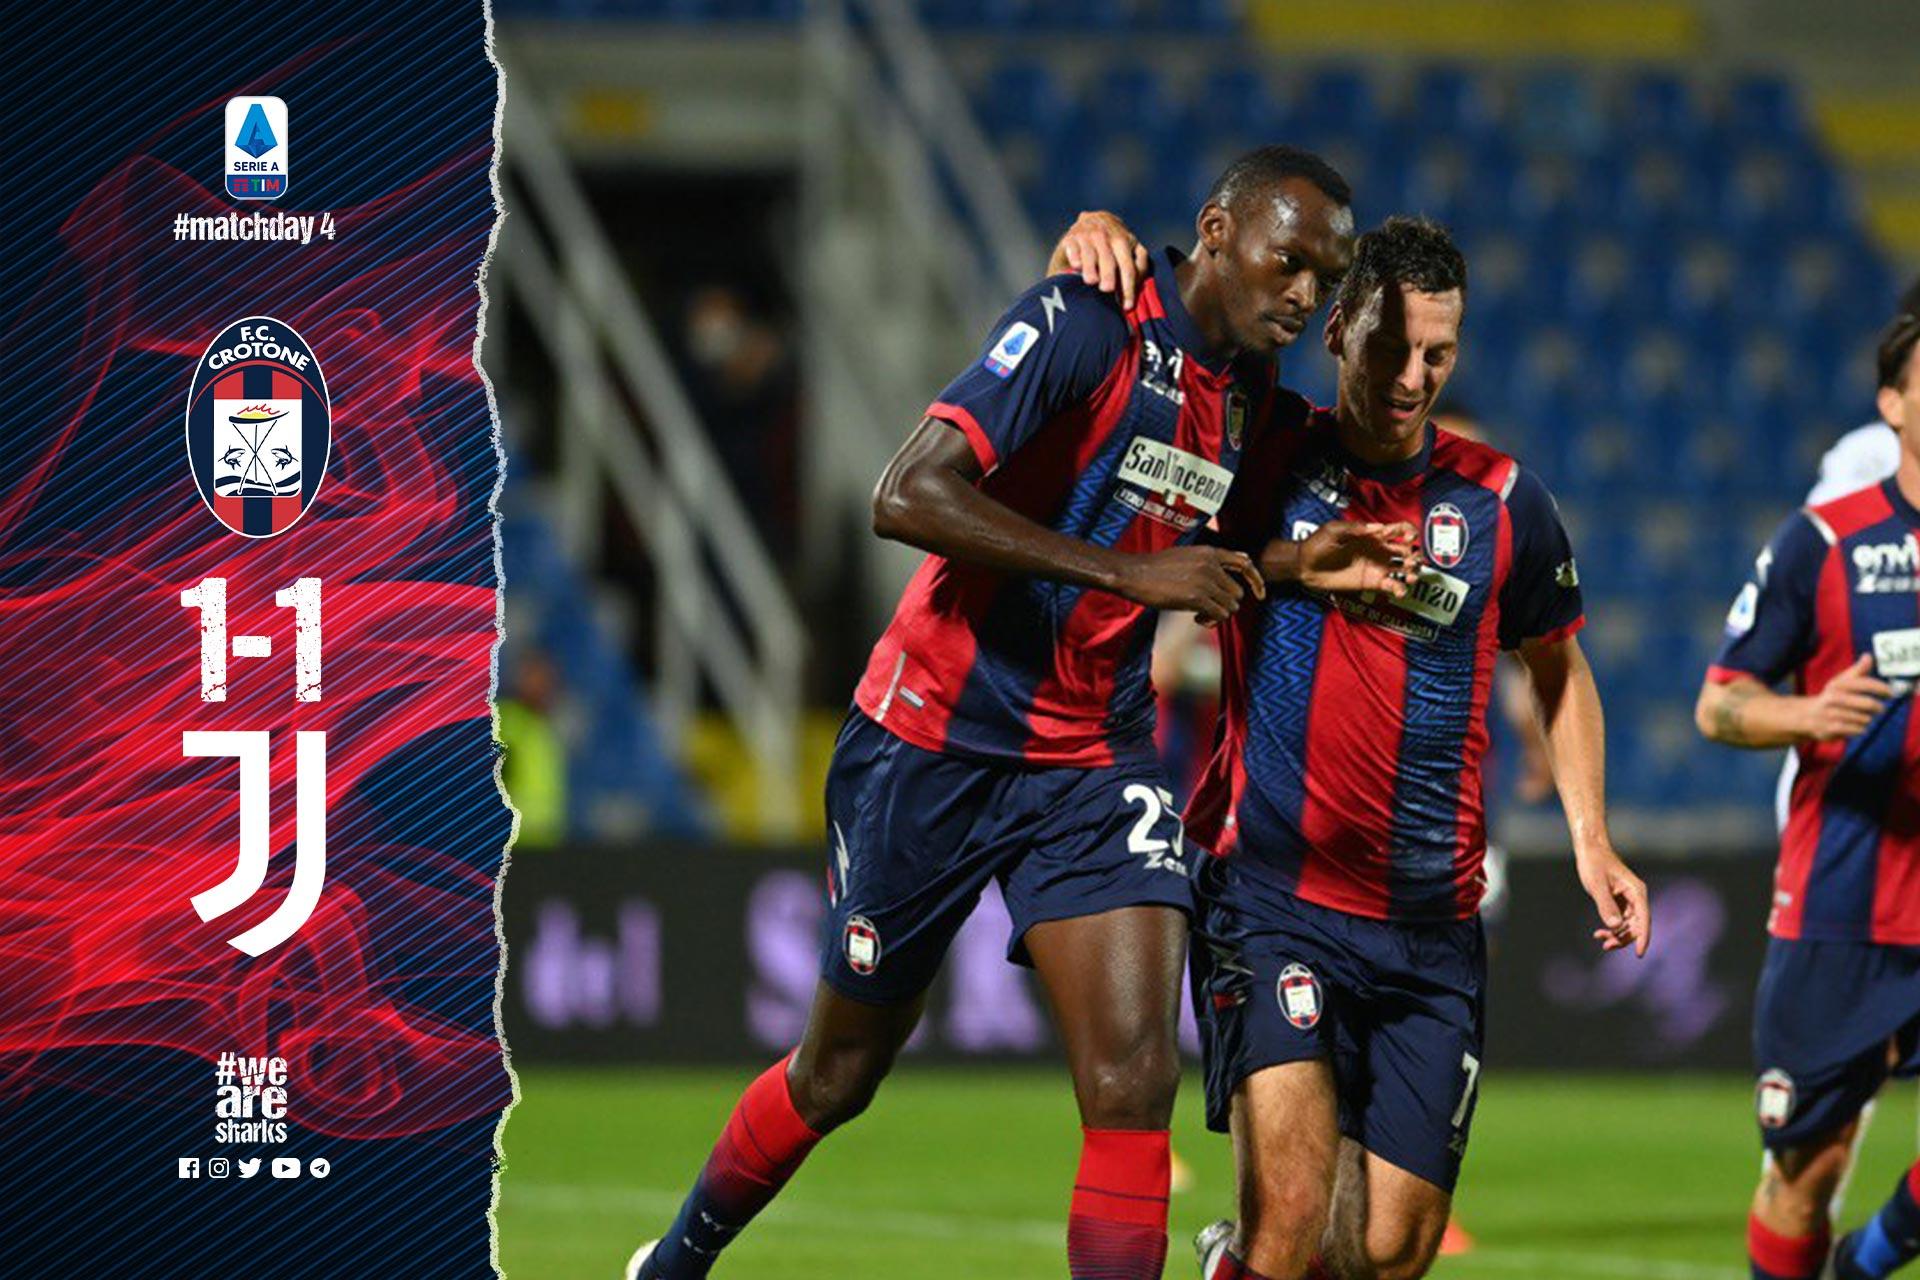 Serie A Tim, 4ª giornata: Crotone-Juventus 1-1